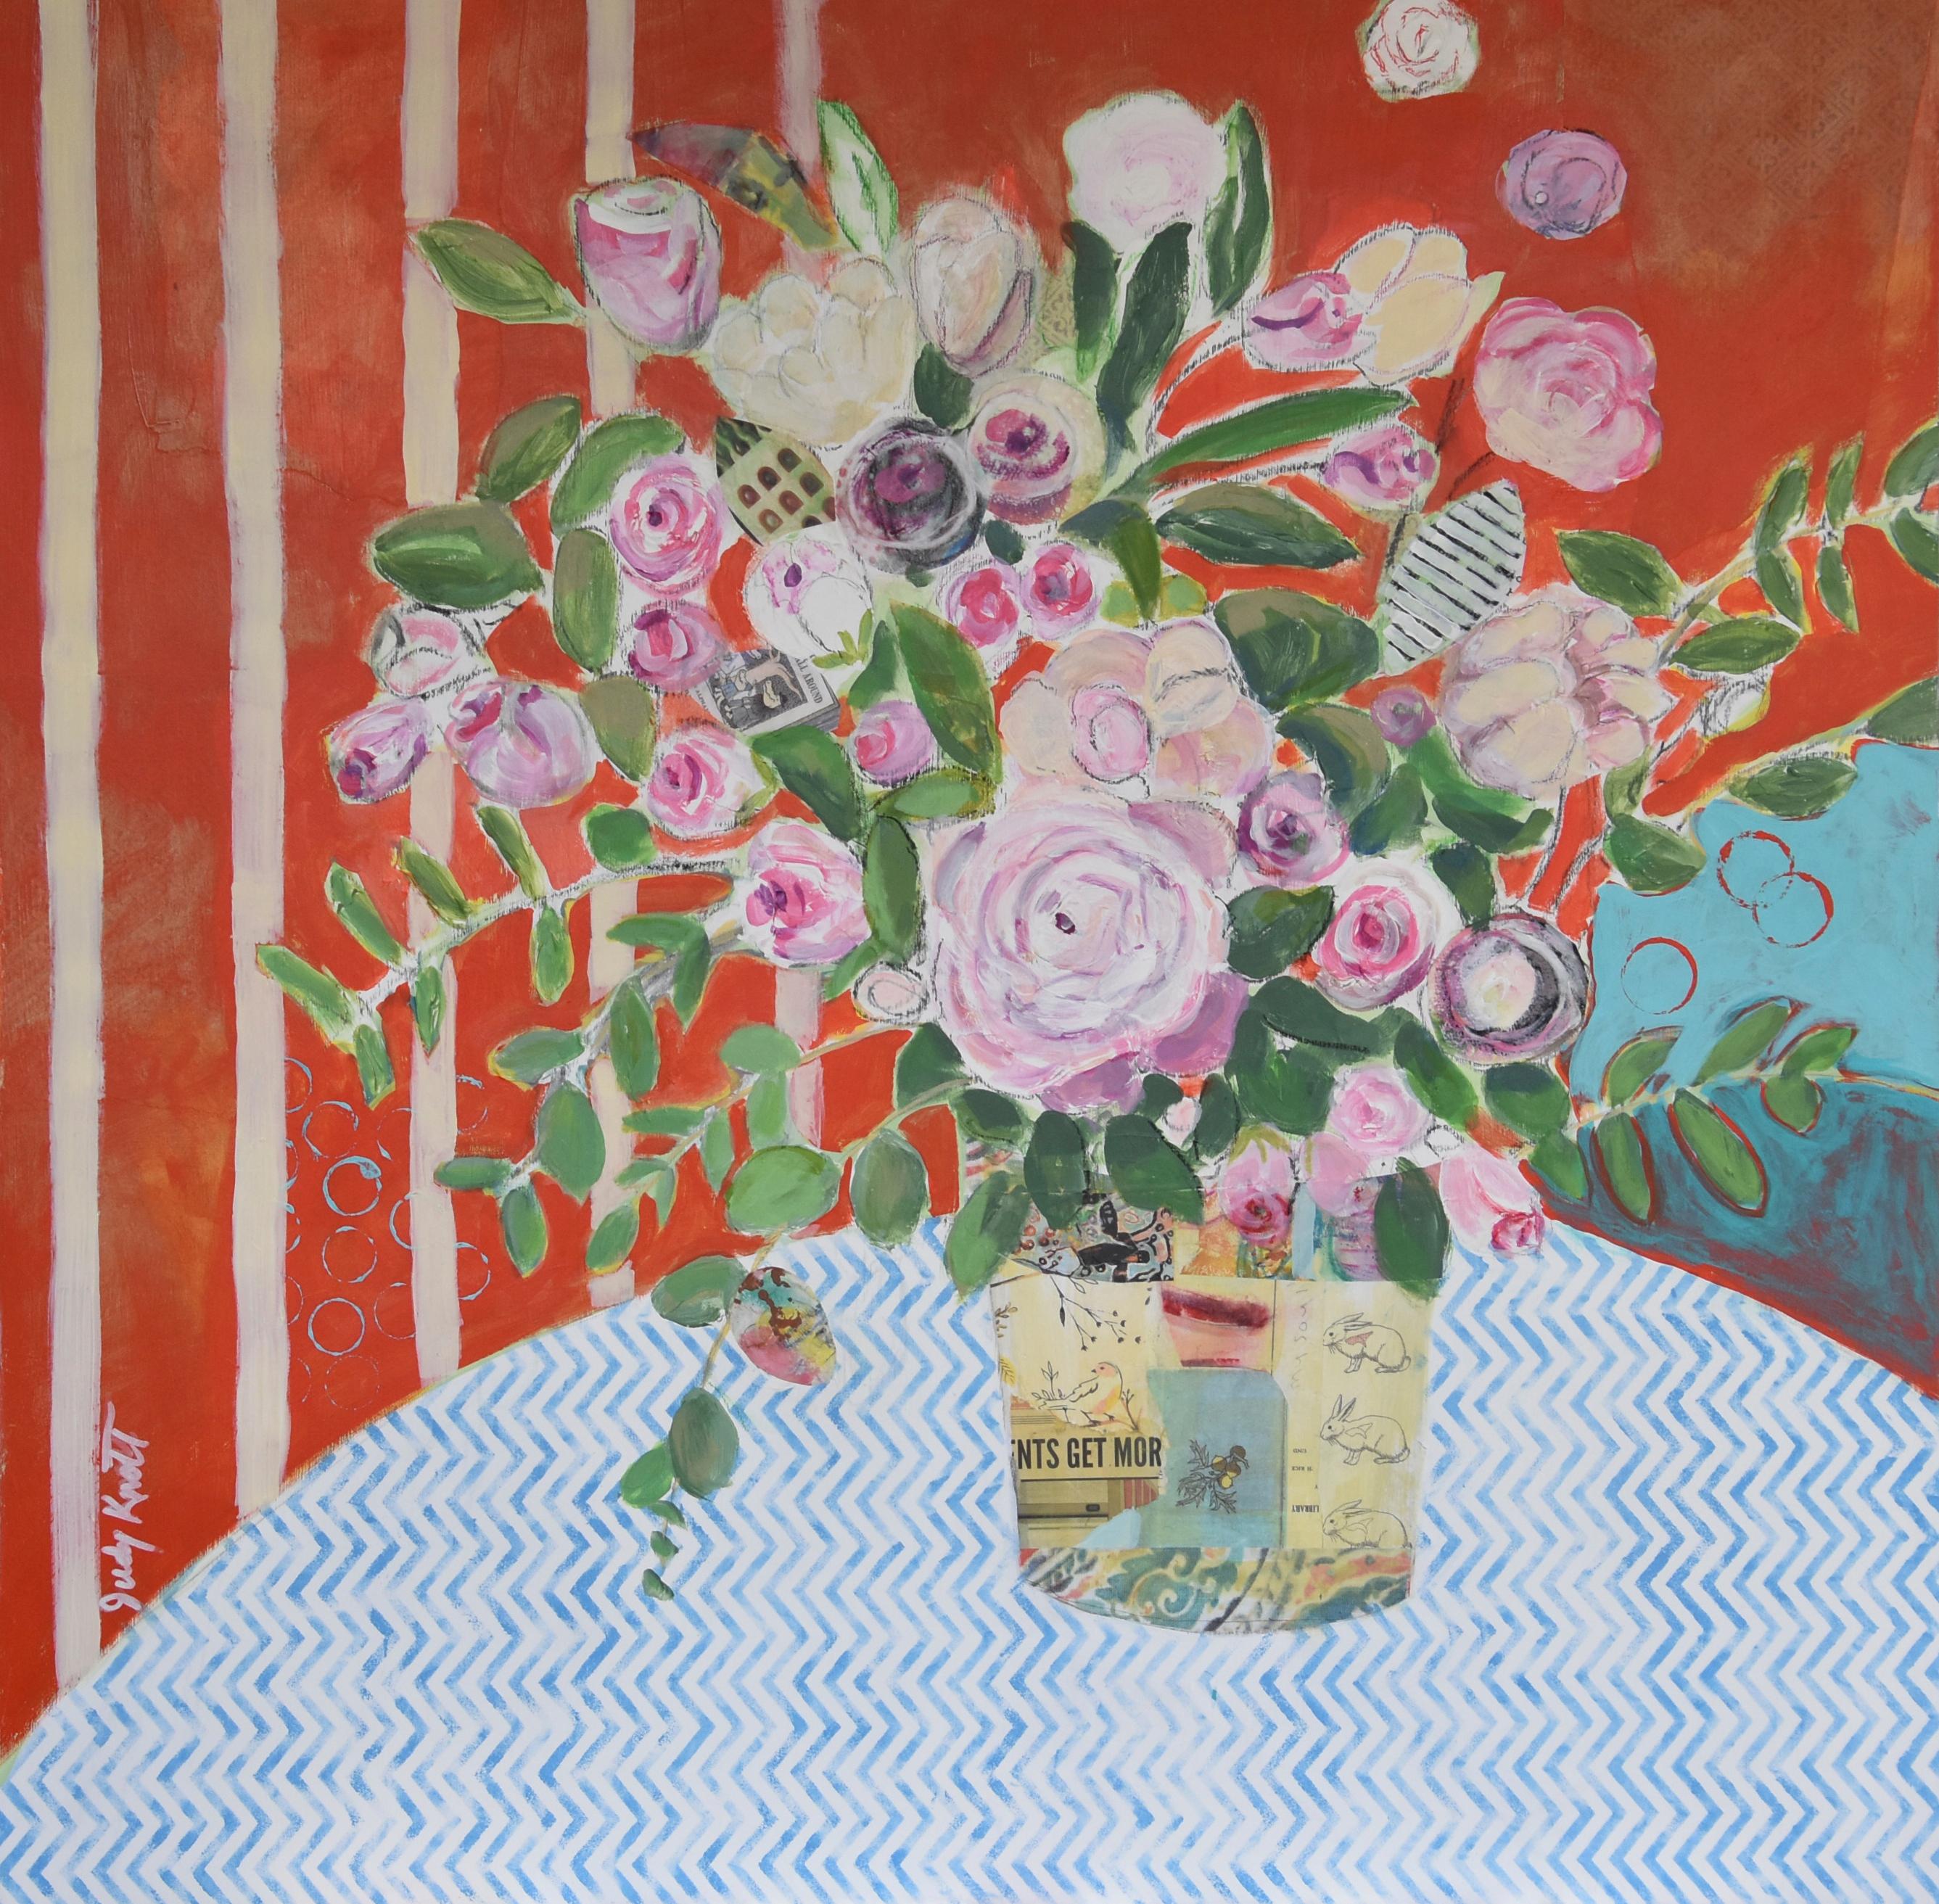 Paris bouquet hfz5qt